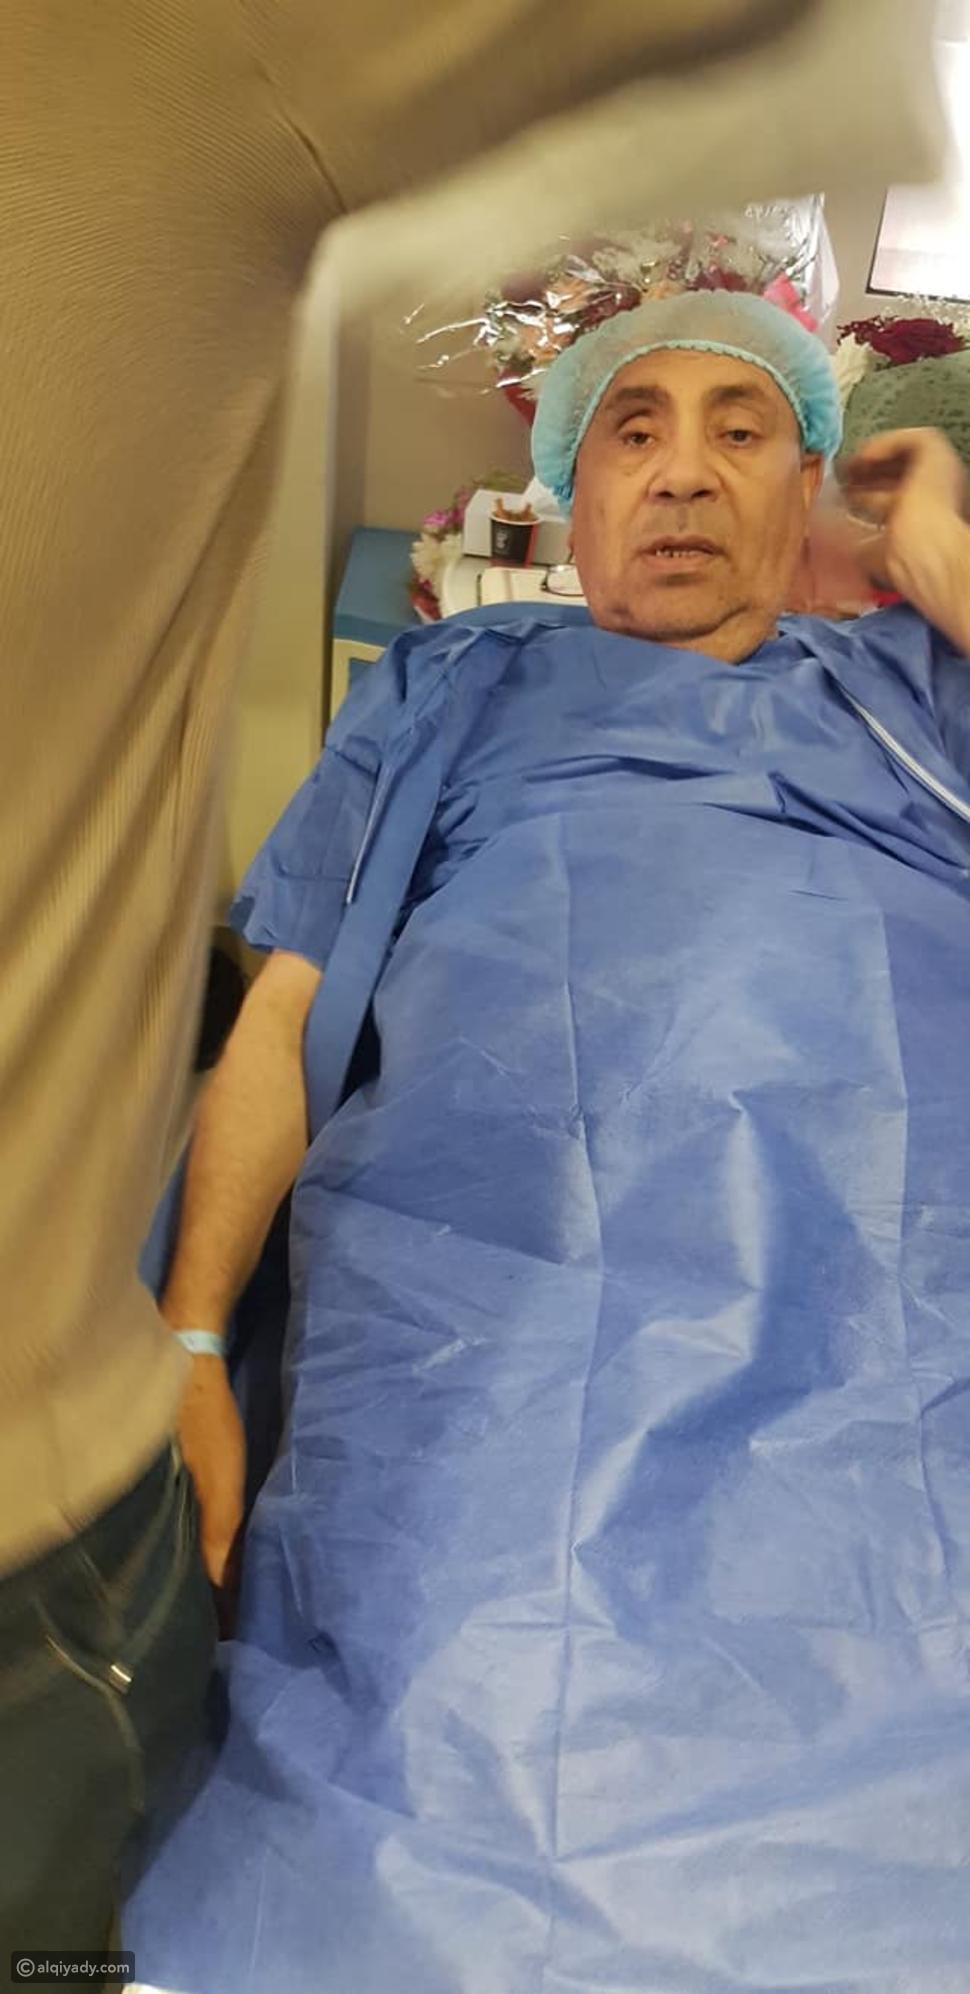 مبروك عطية: آخر تطورات حالته الصحية بعد بتر إصبع قدمه